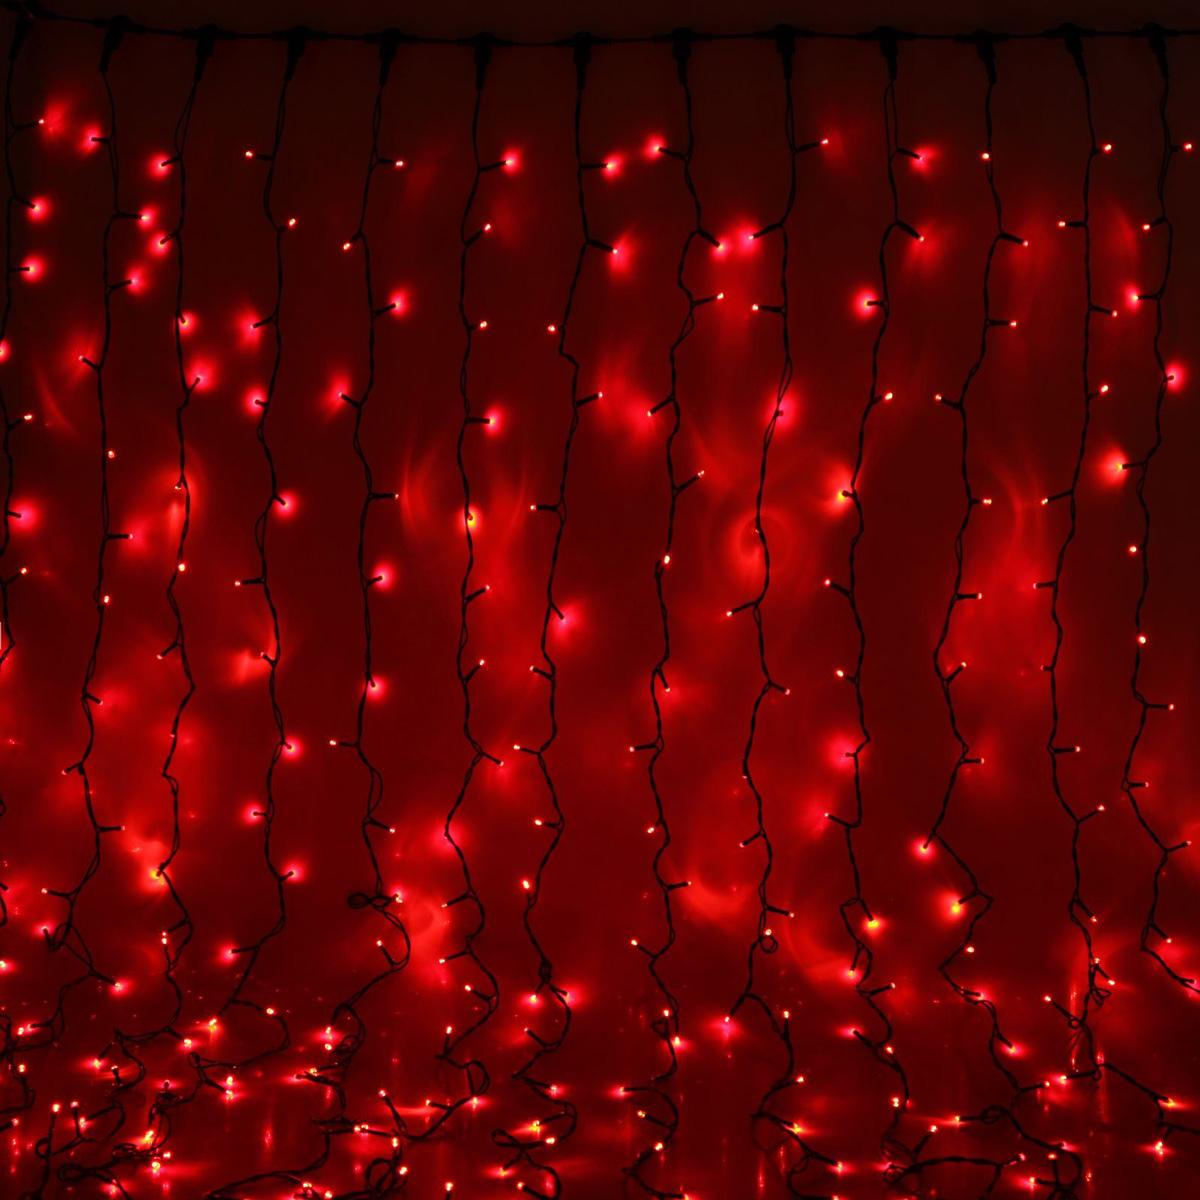 Гирлянда светодиодная Luazon Занавес, цвет: красный, уличная, 1440 ламп, 220 V, 2 х 6 м. 10802811080281Гирлянда светодиодная Luazon Занавес - это отличный вариант для новогоднего оформления интерьера или фасада. С ее помощью помещение любого размера можно превратить в праздничный зал, а внешние элементы зданий, украшенные гирляндой, мгновенно станут напоминать очертания сказочного дворца. Такое украшение создаст ауру предвкушения чуда. Деревья, фасады, витрины, окна и арки будто специально созданы, чтобы вы украсили их светящимися нитями.